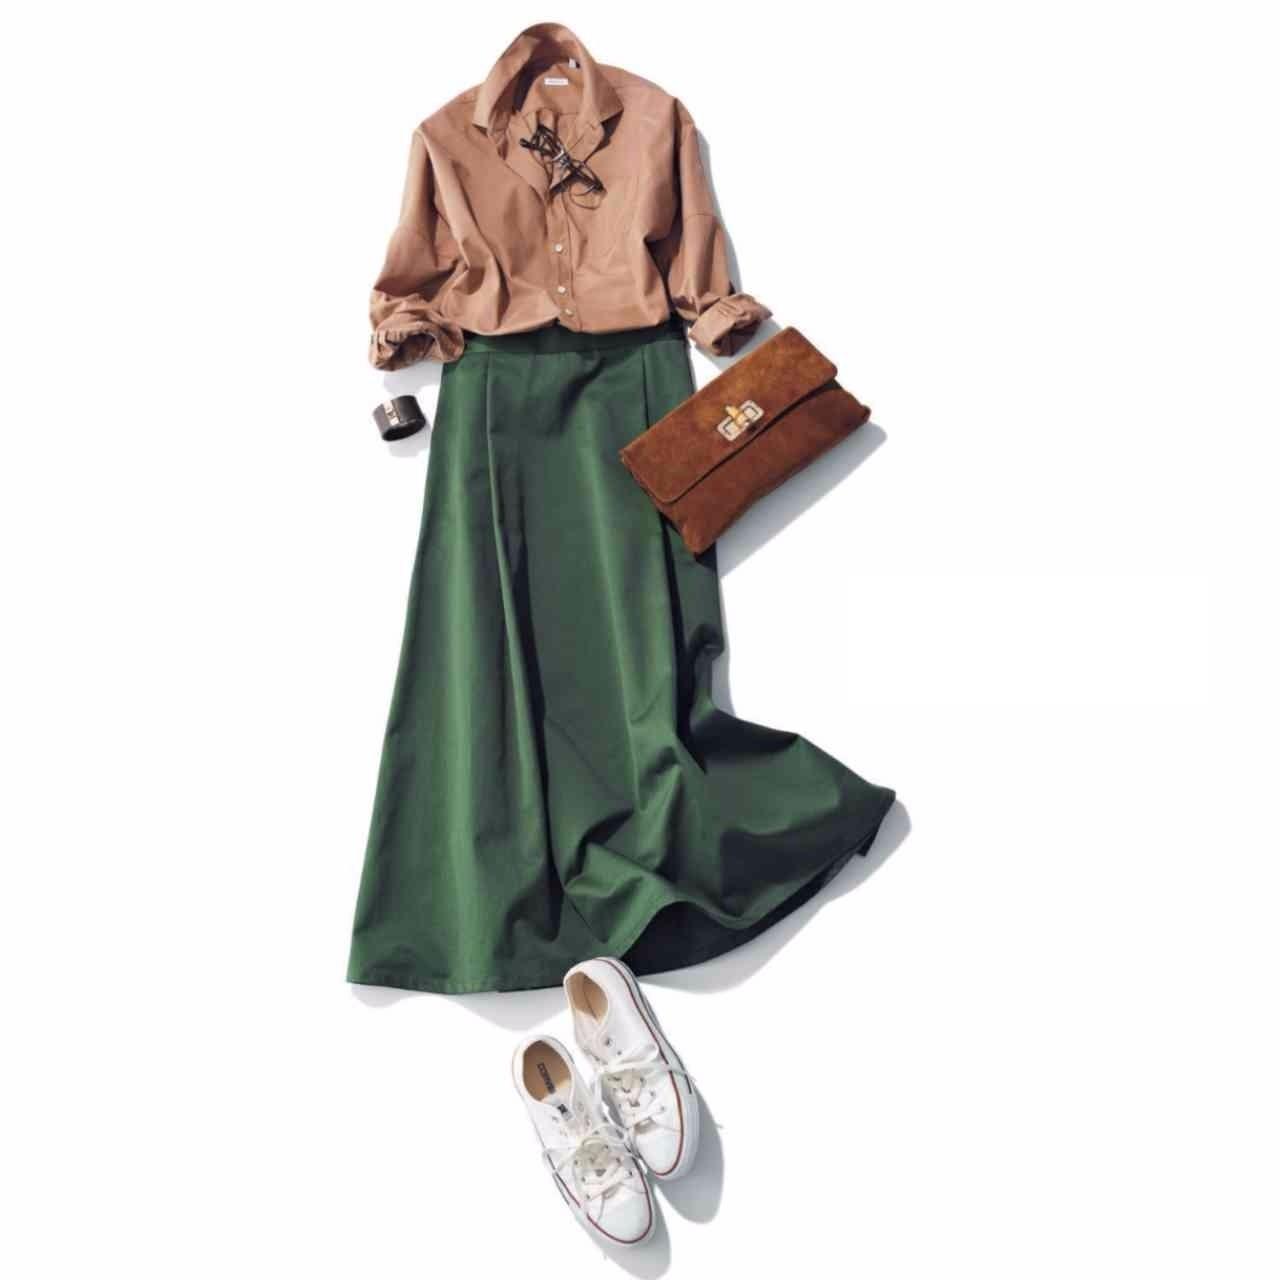 白コンバースのローカットスニーカー×シャツ&スカートのファッションコーデ